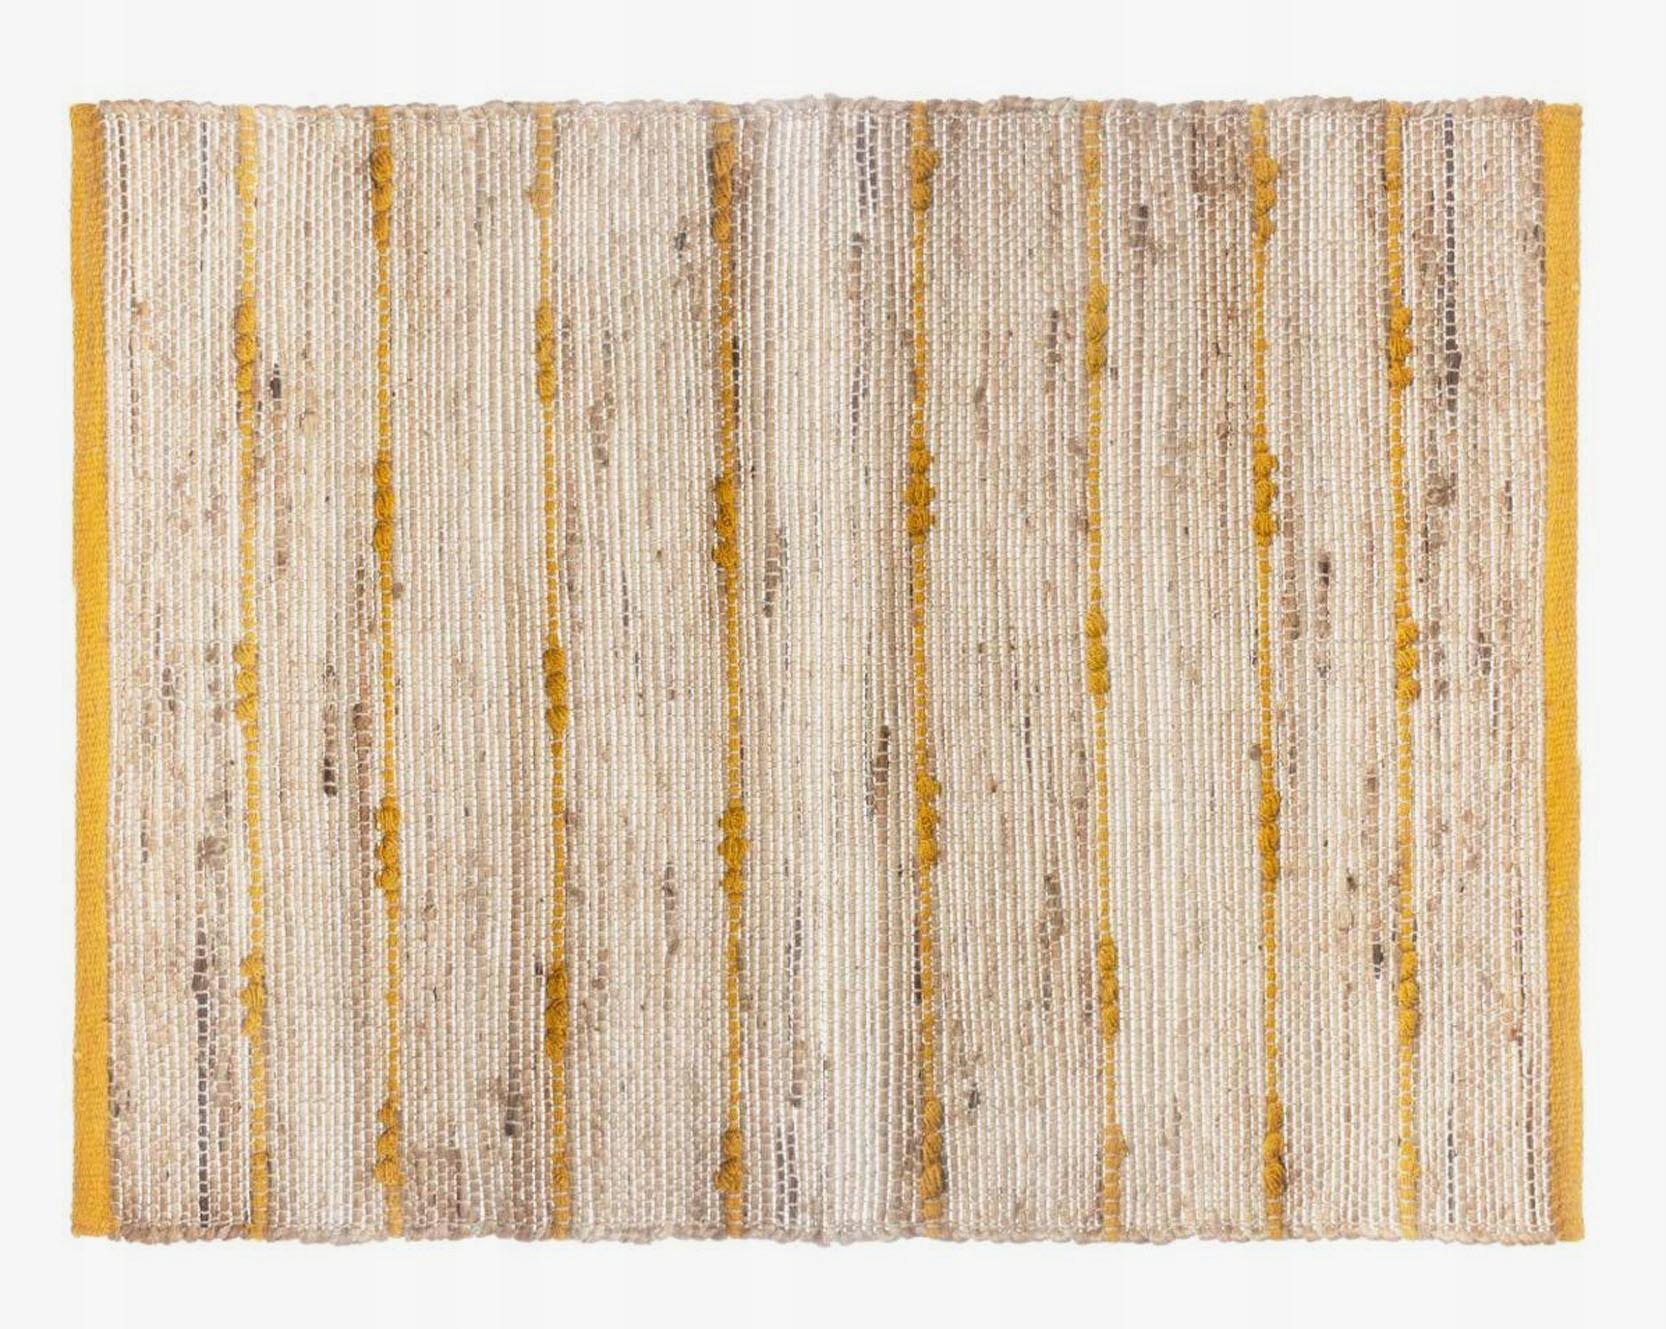 Dywan dywanik jutowy 60x90cm musztardowy naturalny